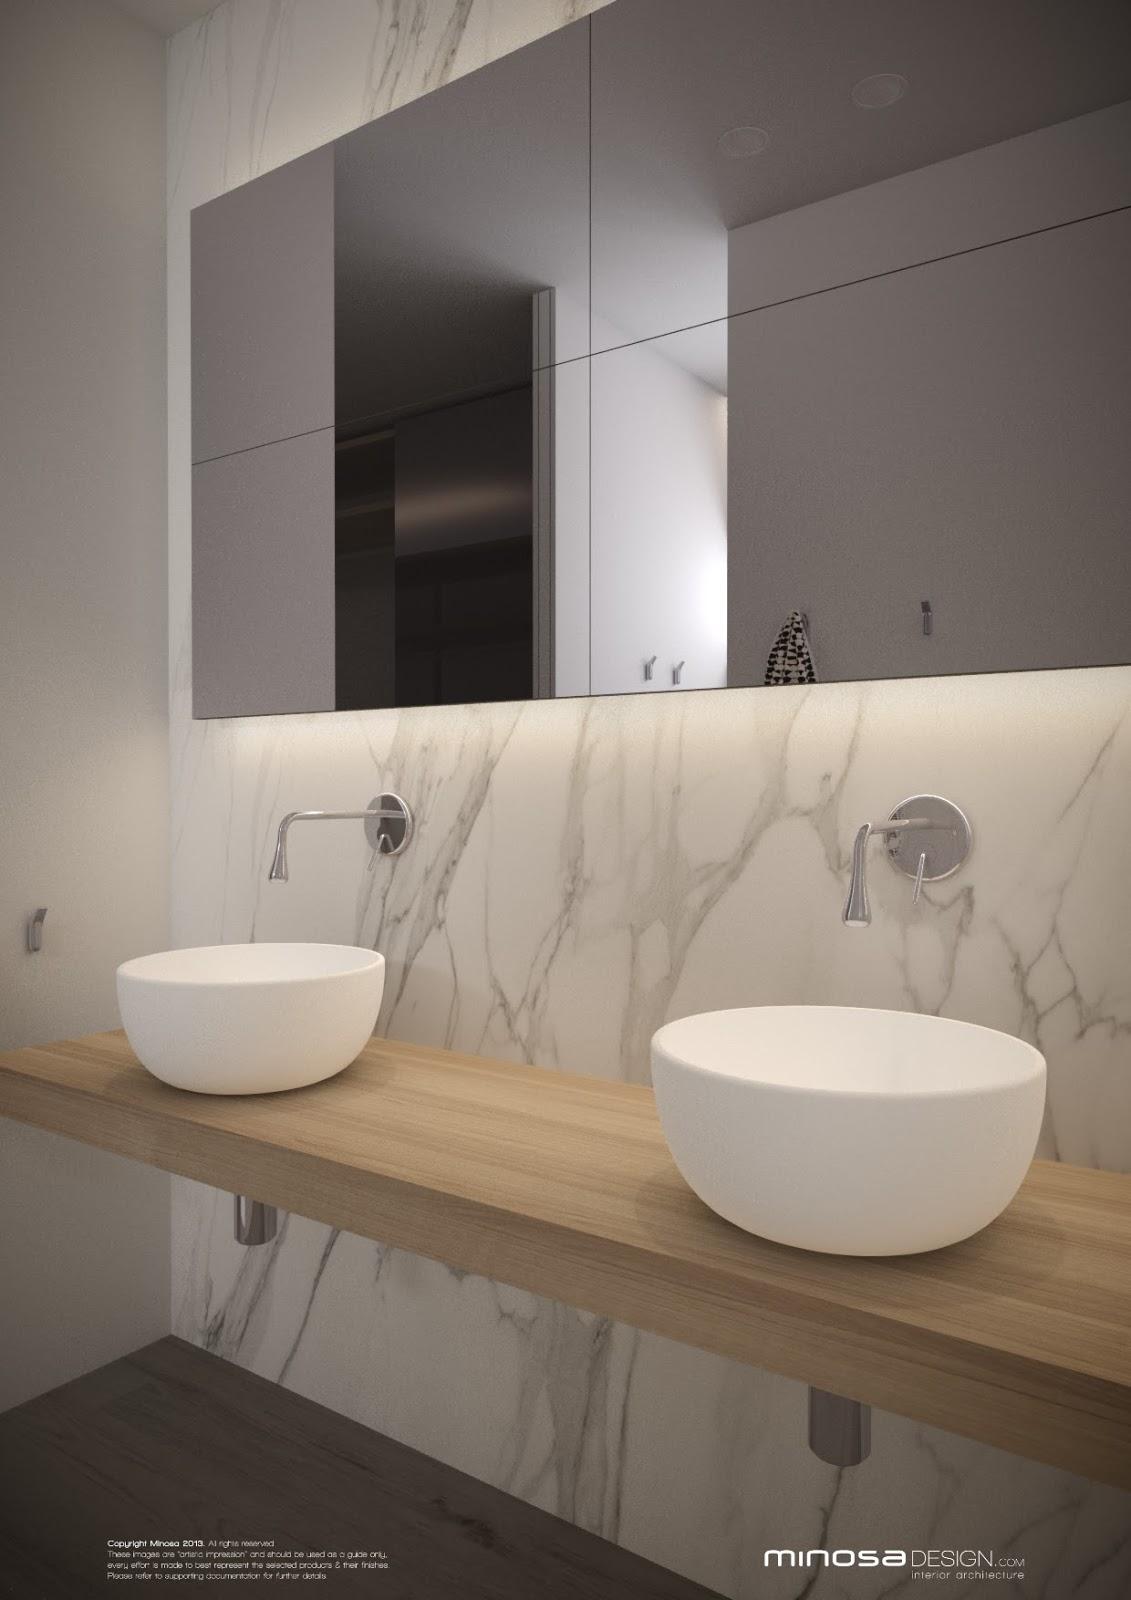 Pinterest the world s catalog of ideas for Bathroom design visit